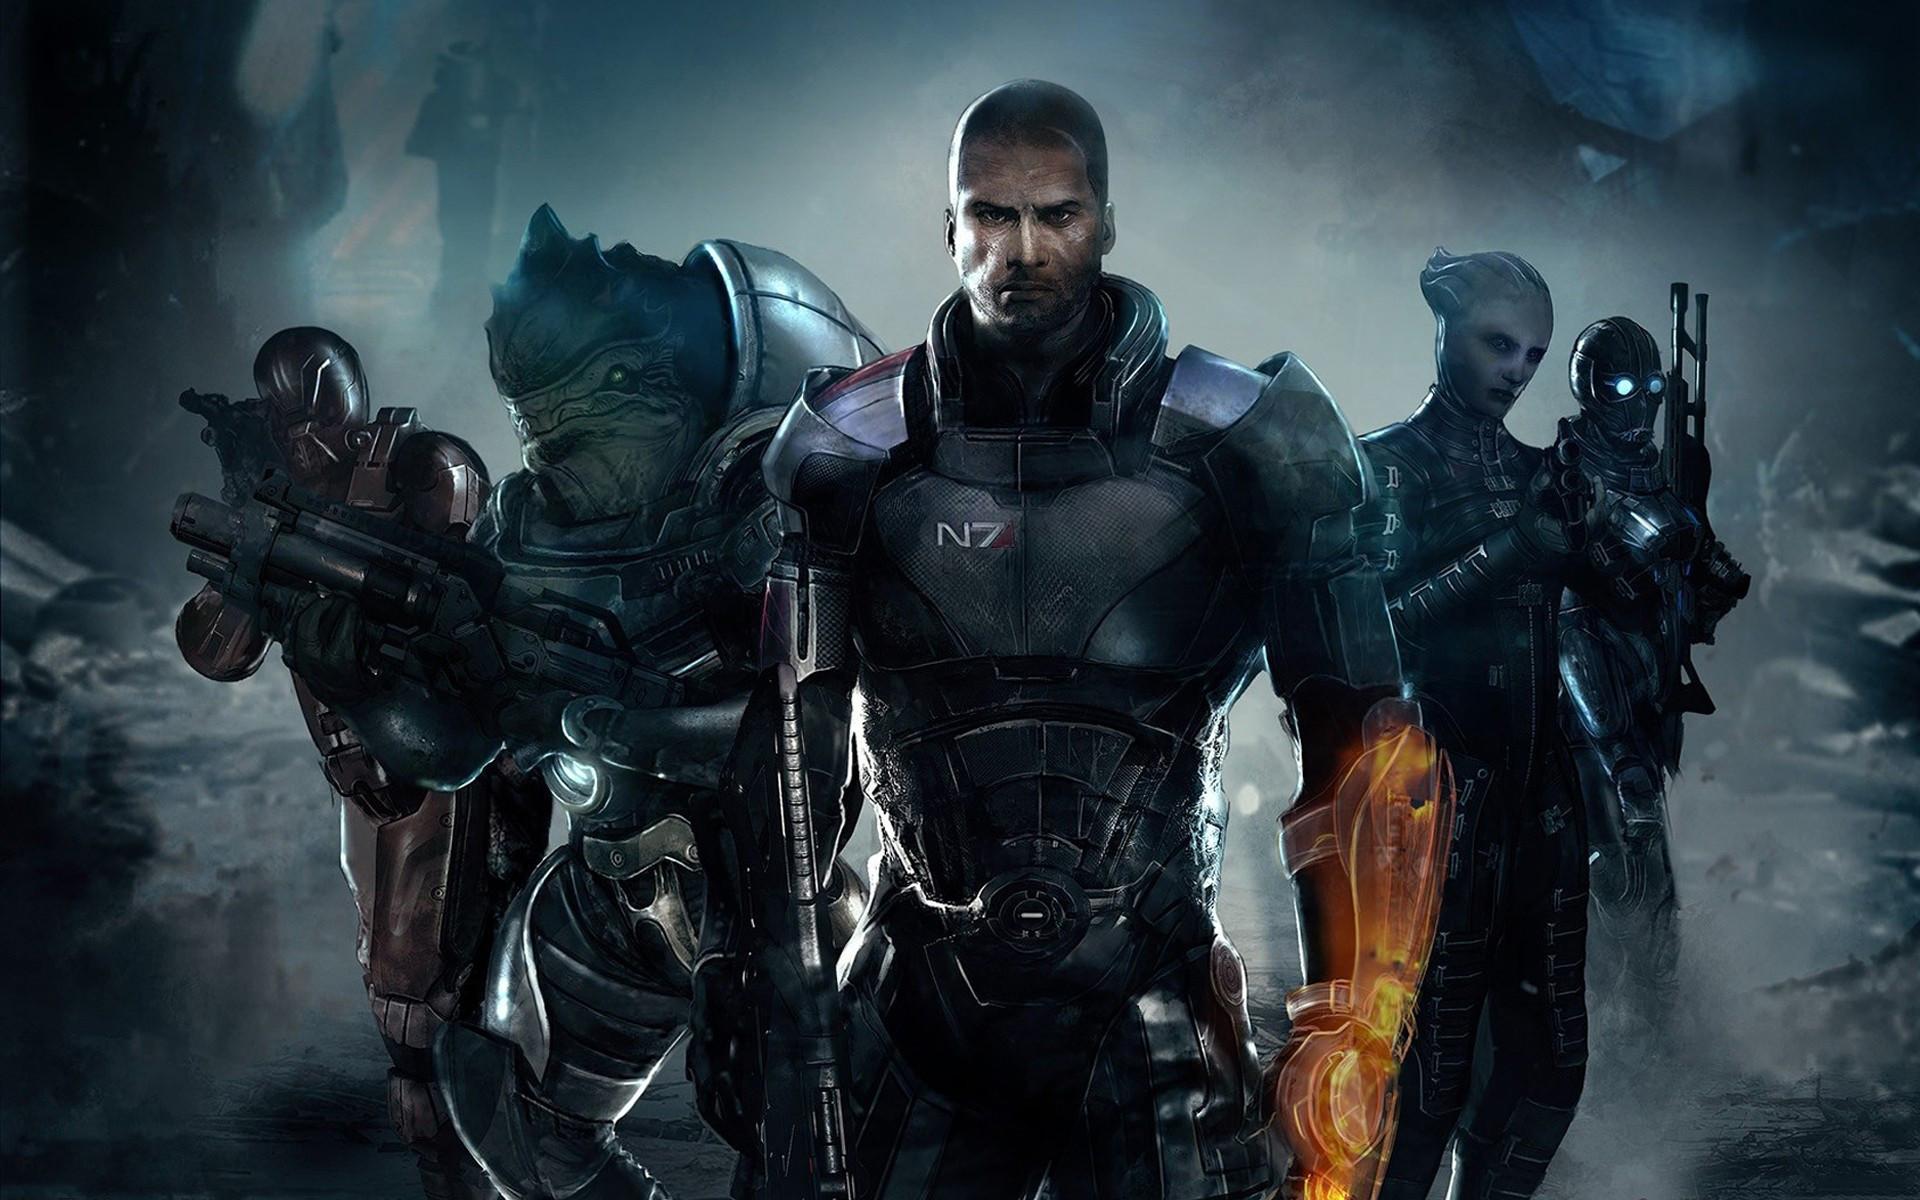 Mass Effect HD Desktop Wallpapers for   HD Wallpapers   Pinterest   Hd  wallpaper, Wallpaper and Hd desktop